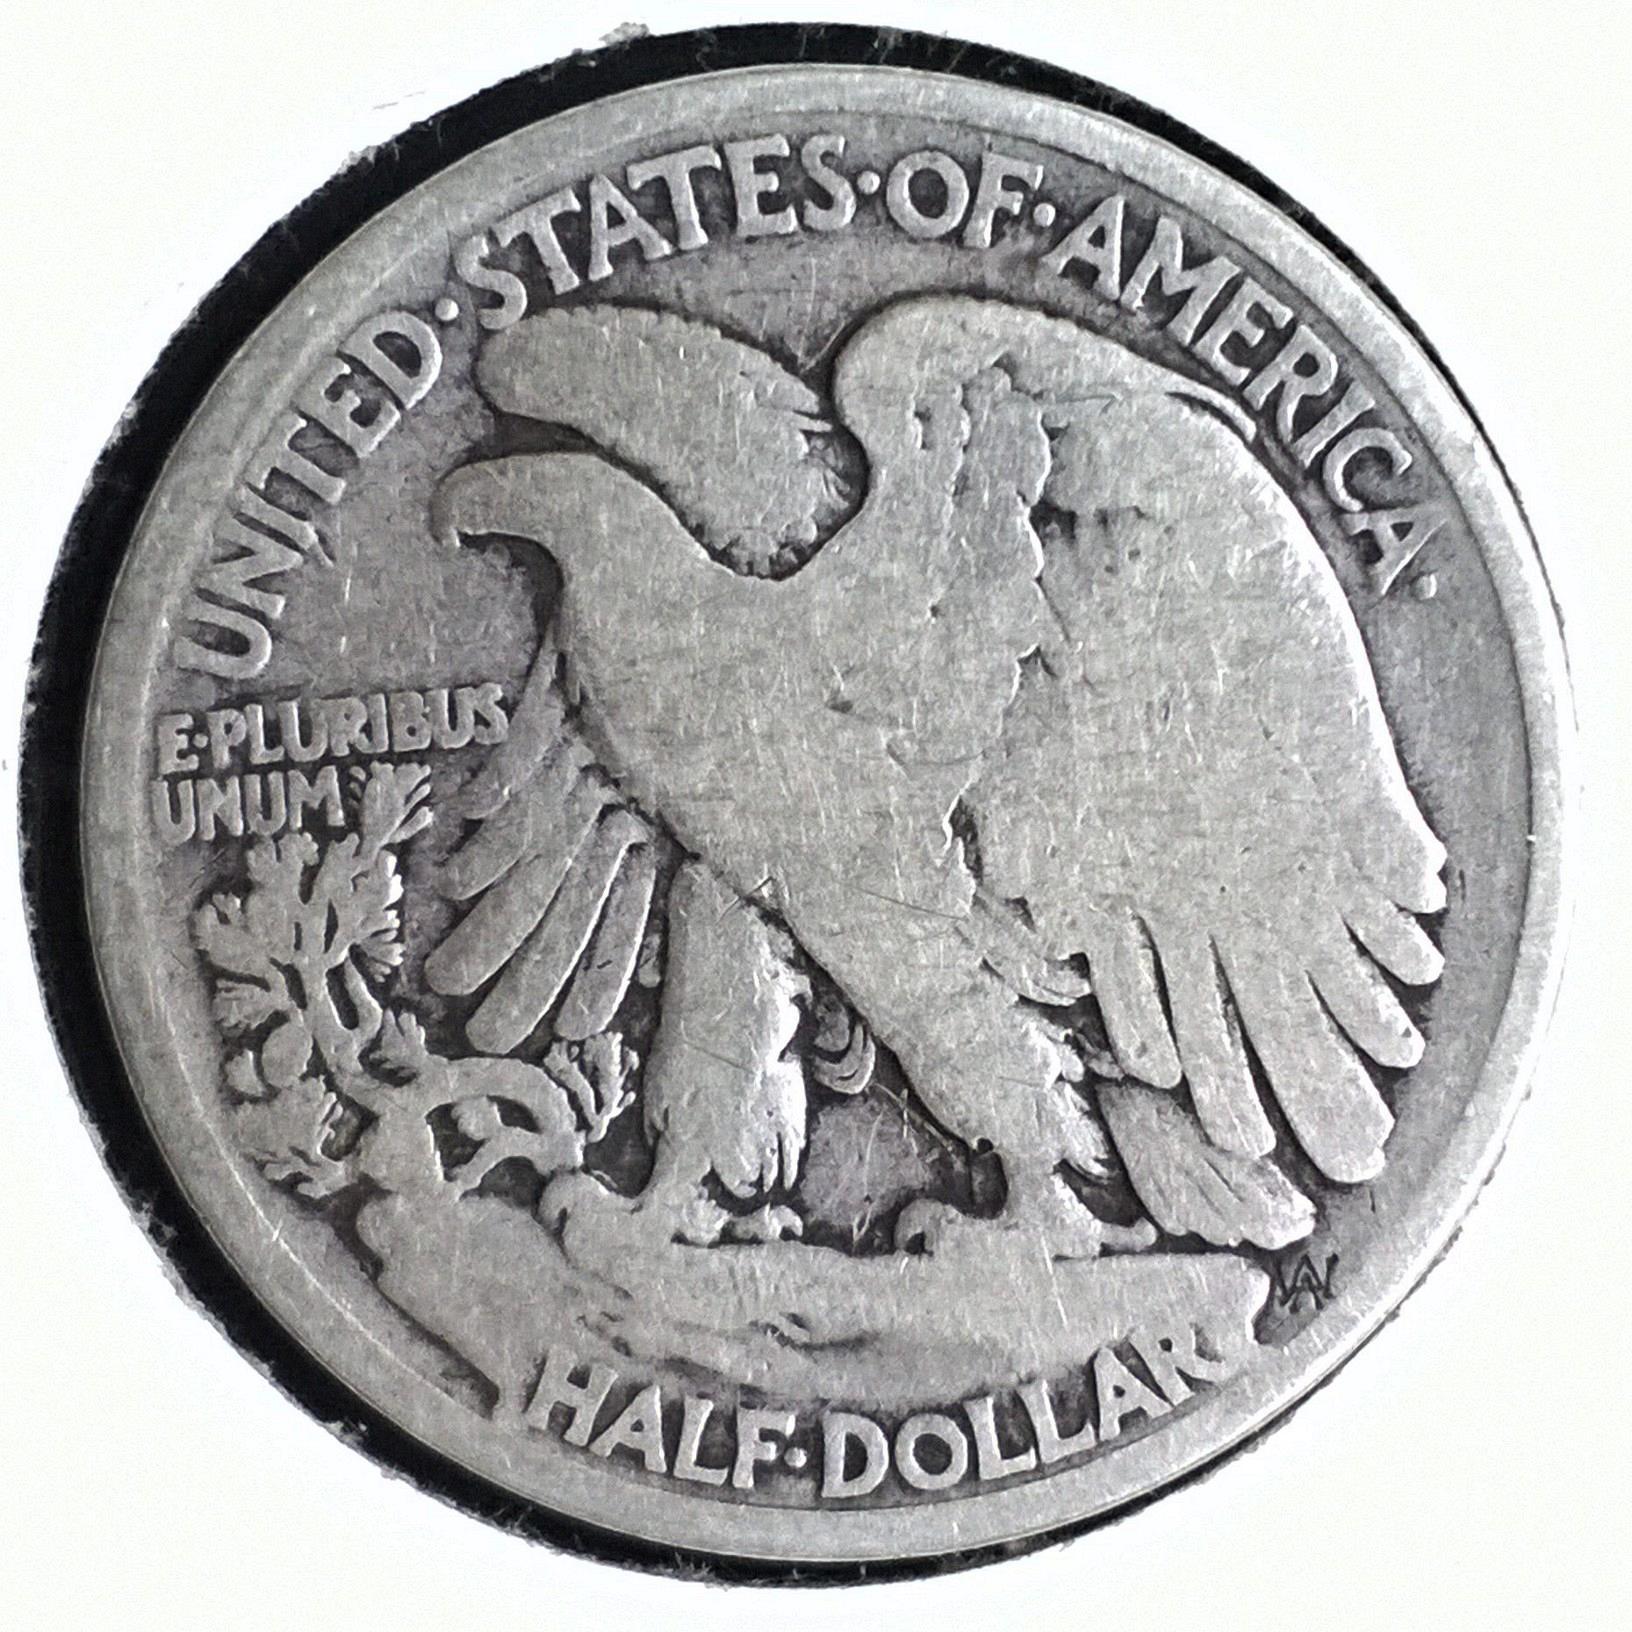 1934 P Walking Liberty Half Dollar - 6 Photos!